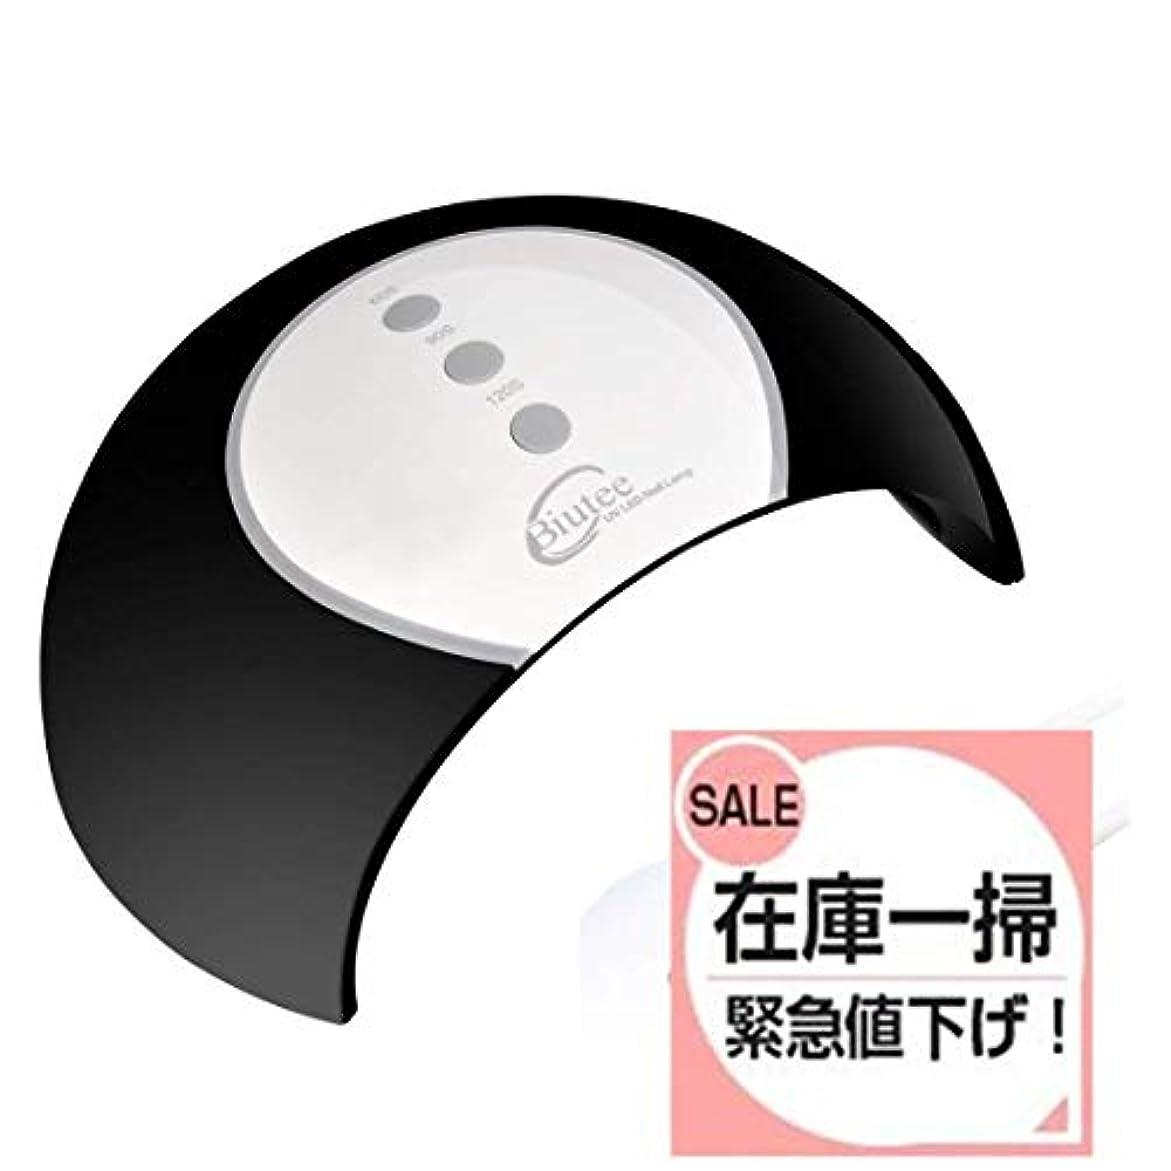 ポケット自分自身現象24W ネイルライト USB充電 8個LED 60s 90s 120sタイマー 手足両用 自動センサー付き ネイルドライヤー UV LED ジェルネイルライト 日本語説明書付き